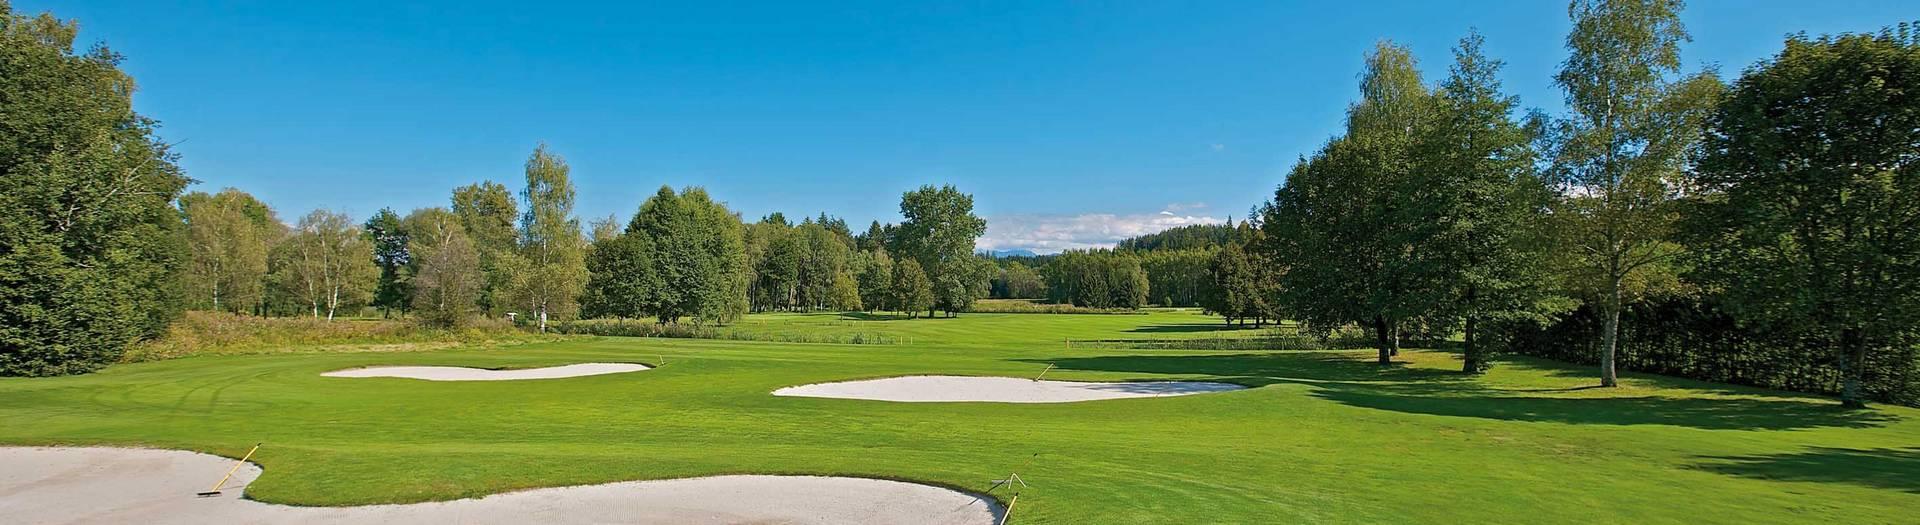 Golfplatz_Moosburg_Po__rtschach_2011-09-06_336.jpg